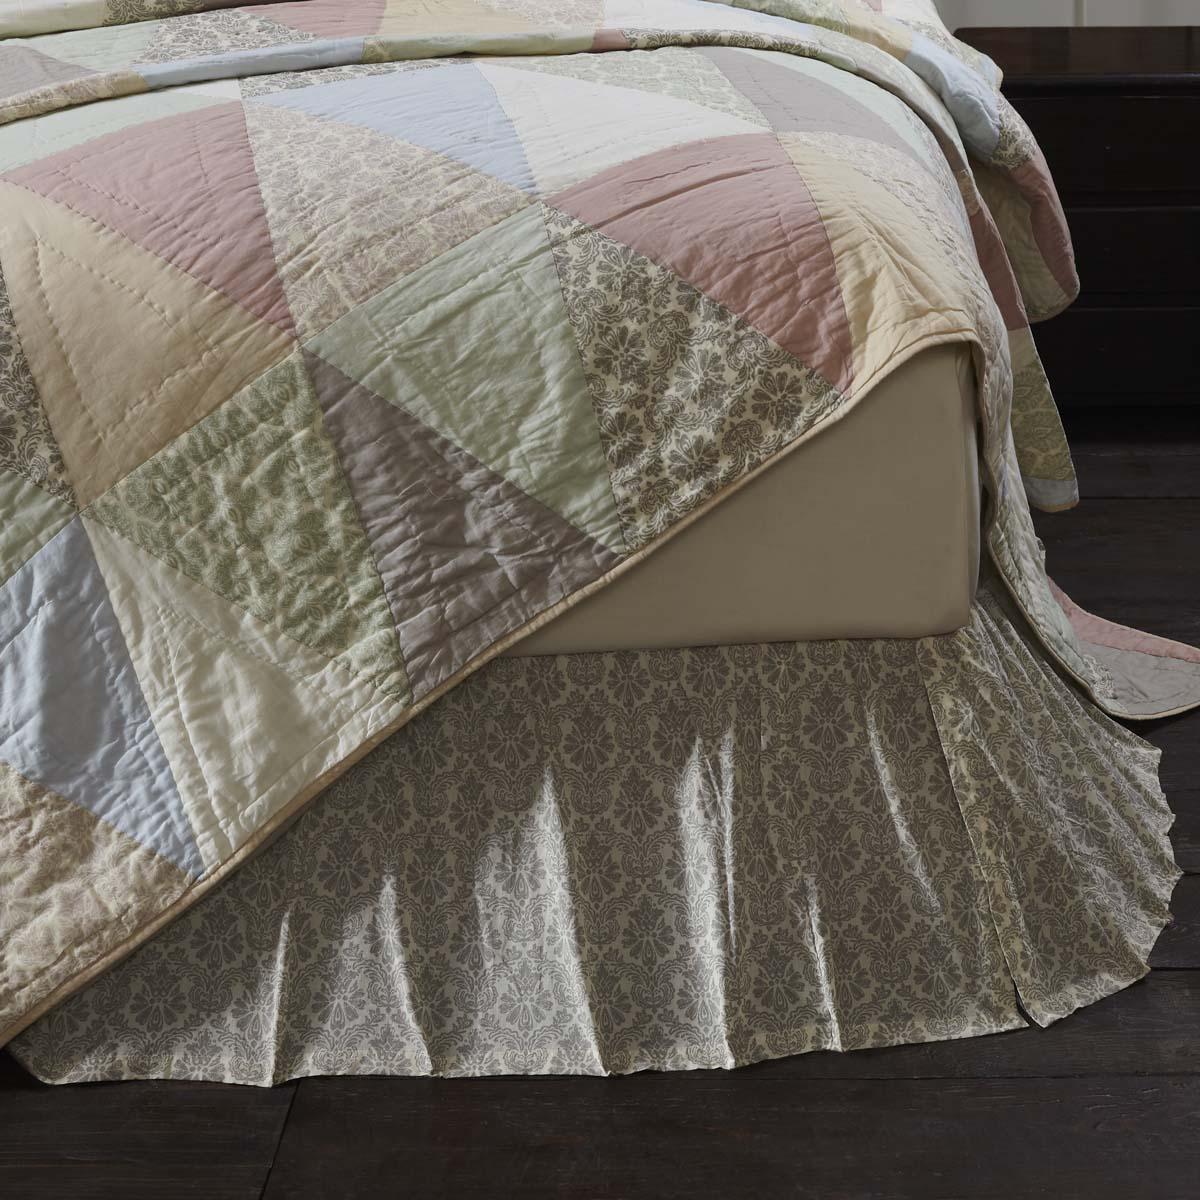 Ava King Bed Skirt 78x80x16